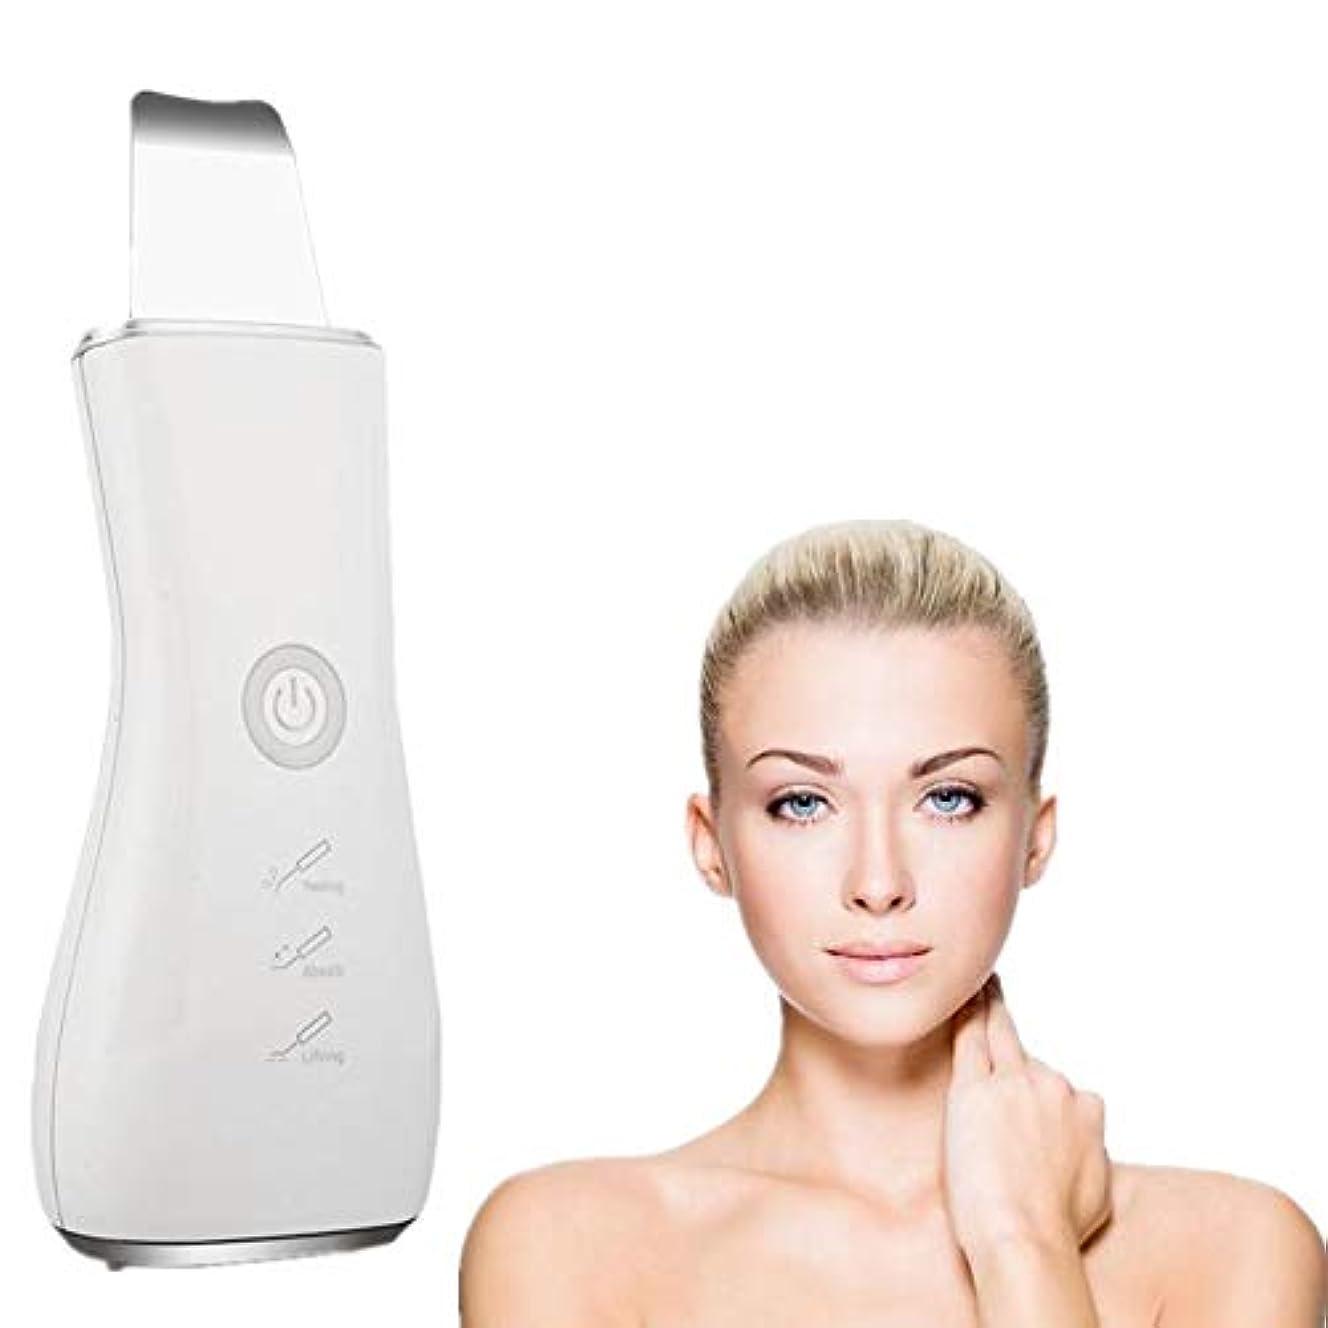 確認する繰り返す傷跡顔の皮膚スクラバーブラックヘッドリムーバー毛穴充電式スキンスクラバー光子の若返り美容スキンクリーナーEMSクリーニングイオン導入モードUSB充電式美容ツール、シルバー